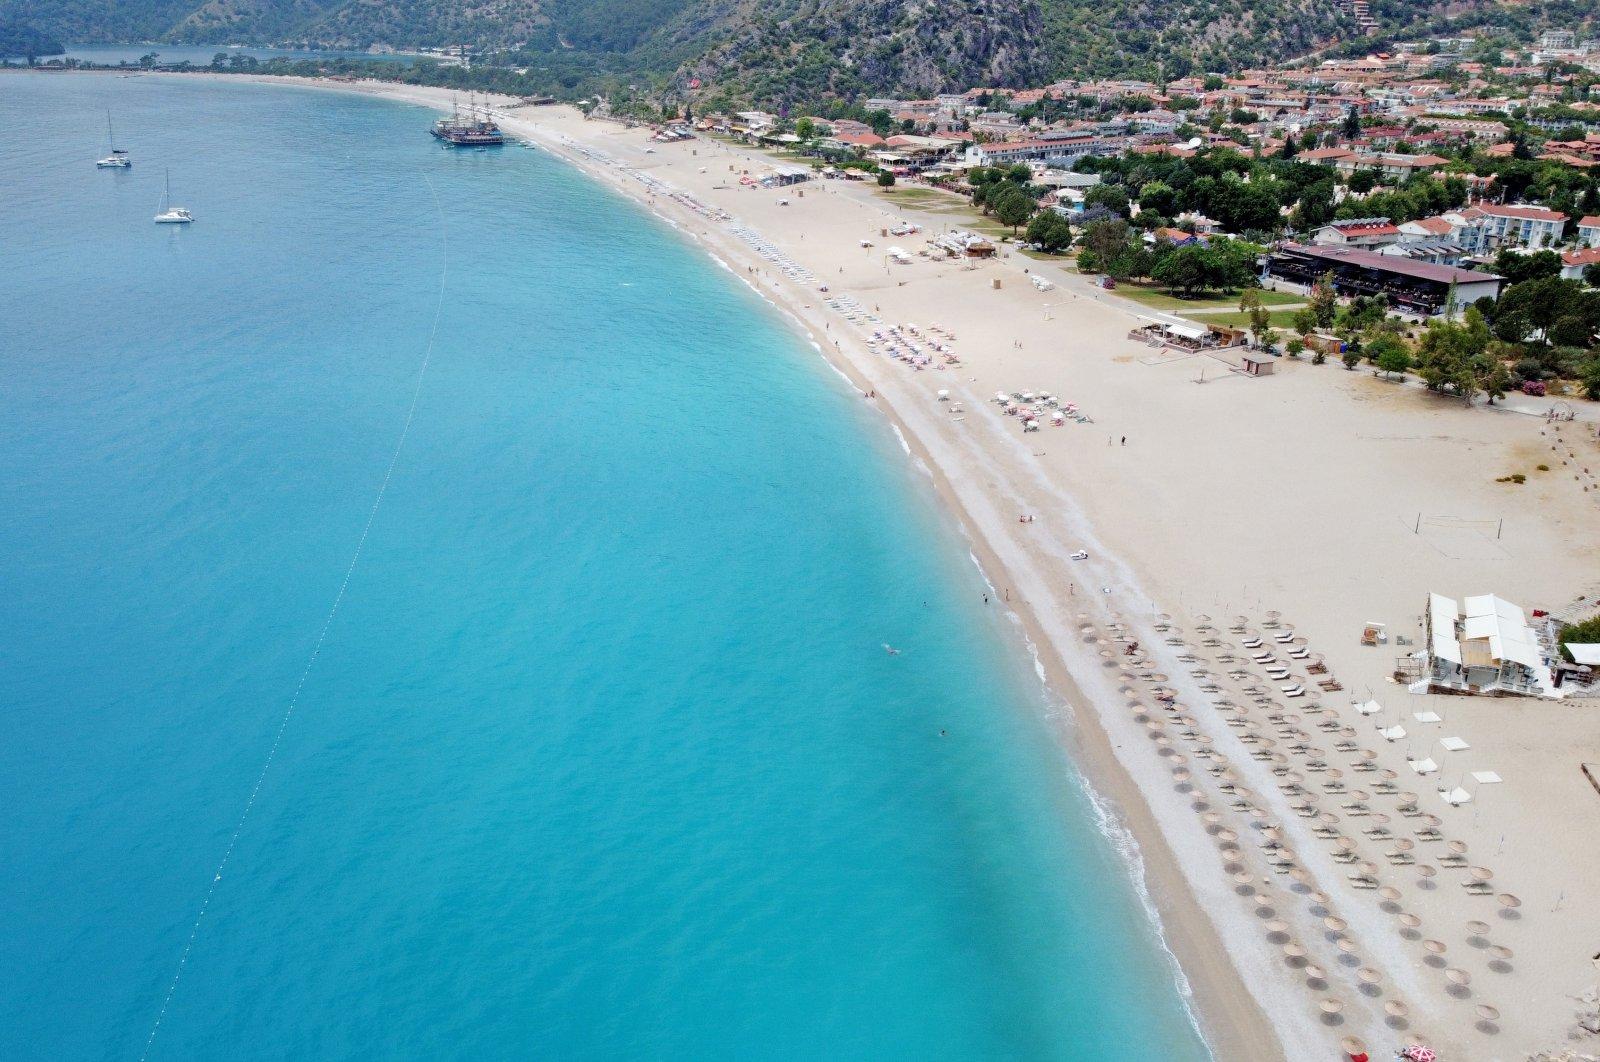 A view of a beachin Fethiye, Muğla province, southwestern Turkey, May 30, 2021. (AA Photo)